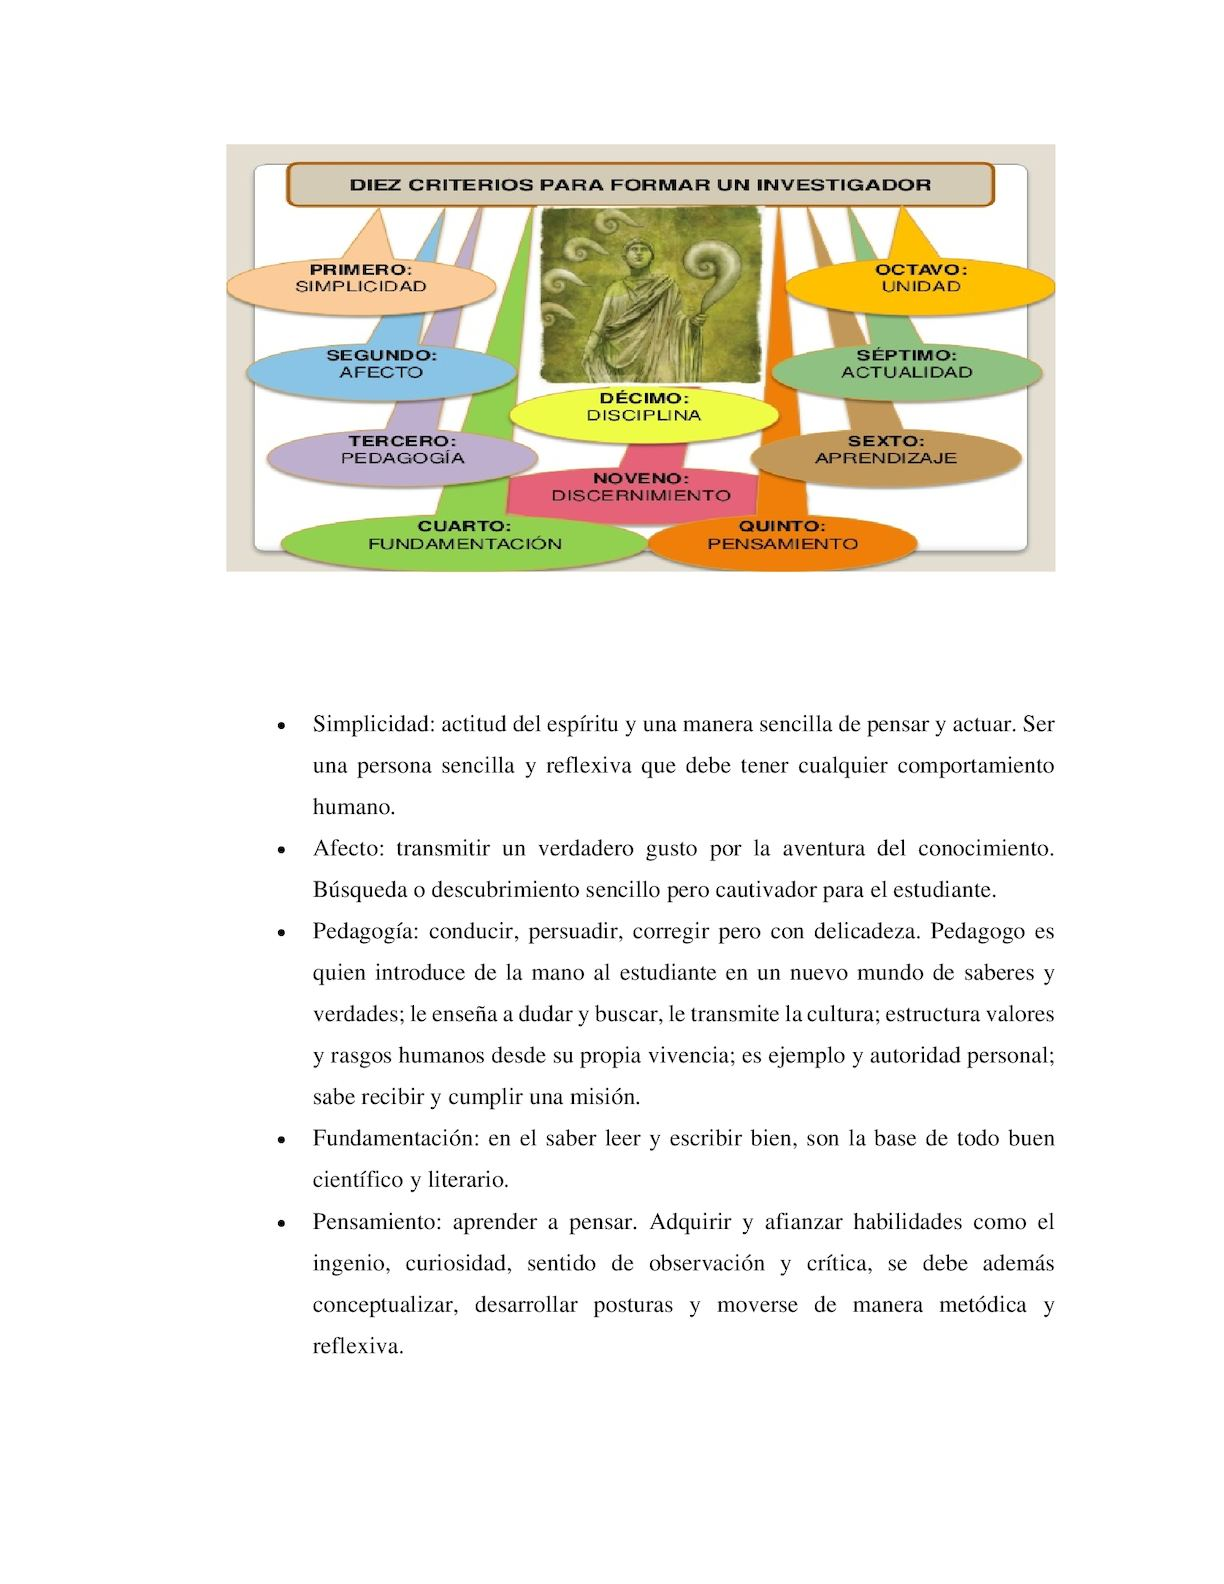 Reconstrucción Discursiva De La Pedagogía Calameo Downloader